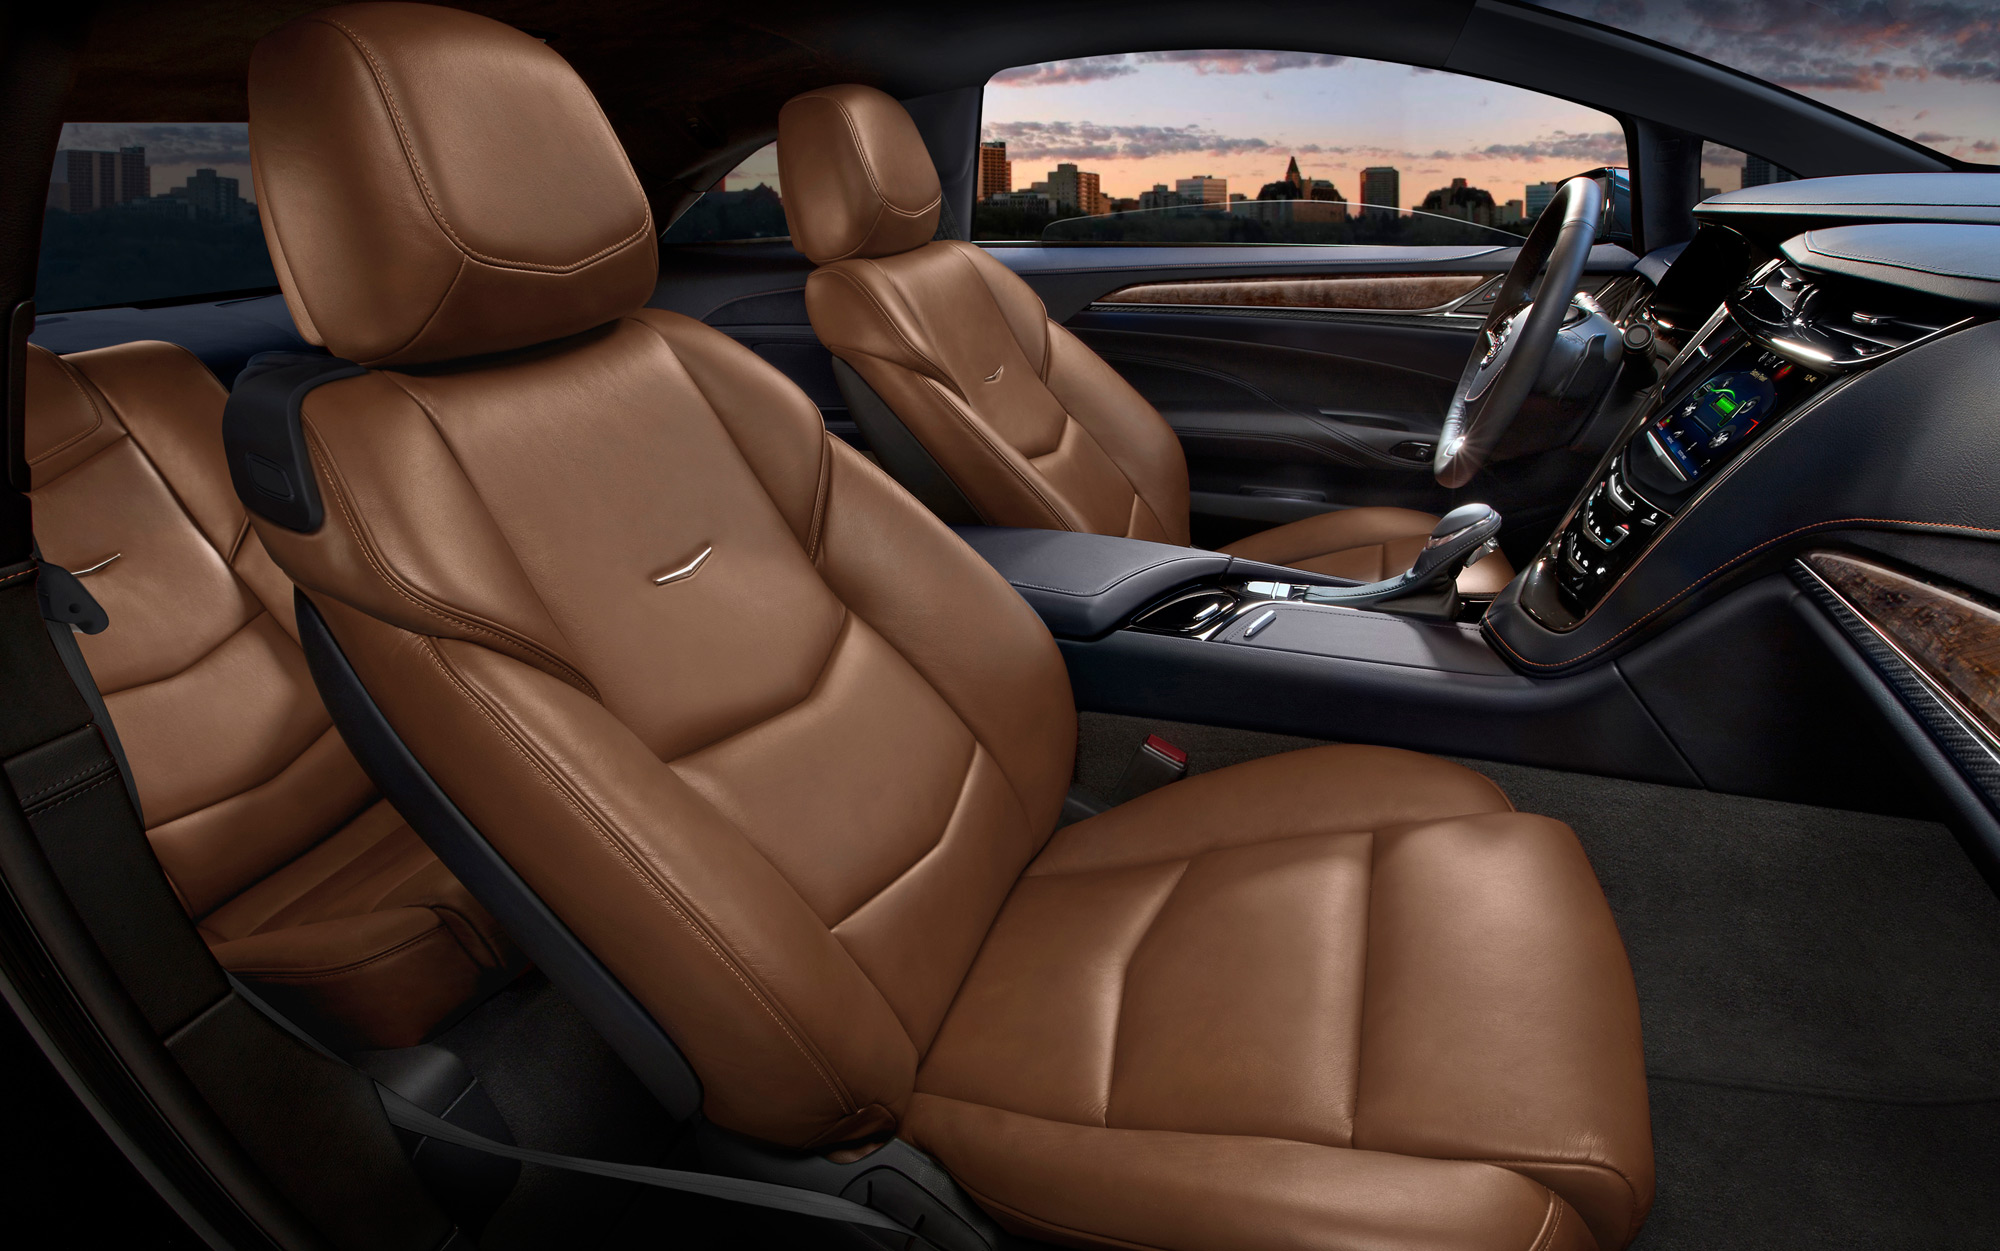 Car interior brown - 2014 Cadillac Elr Interior 4